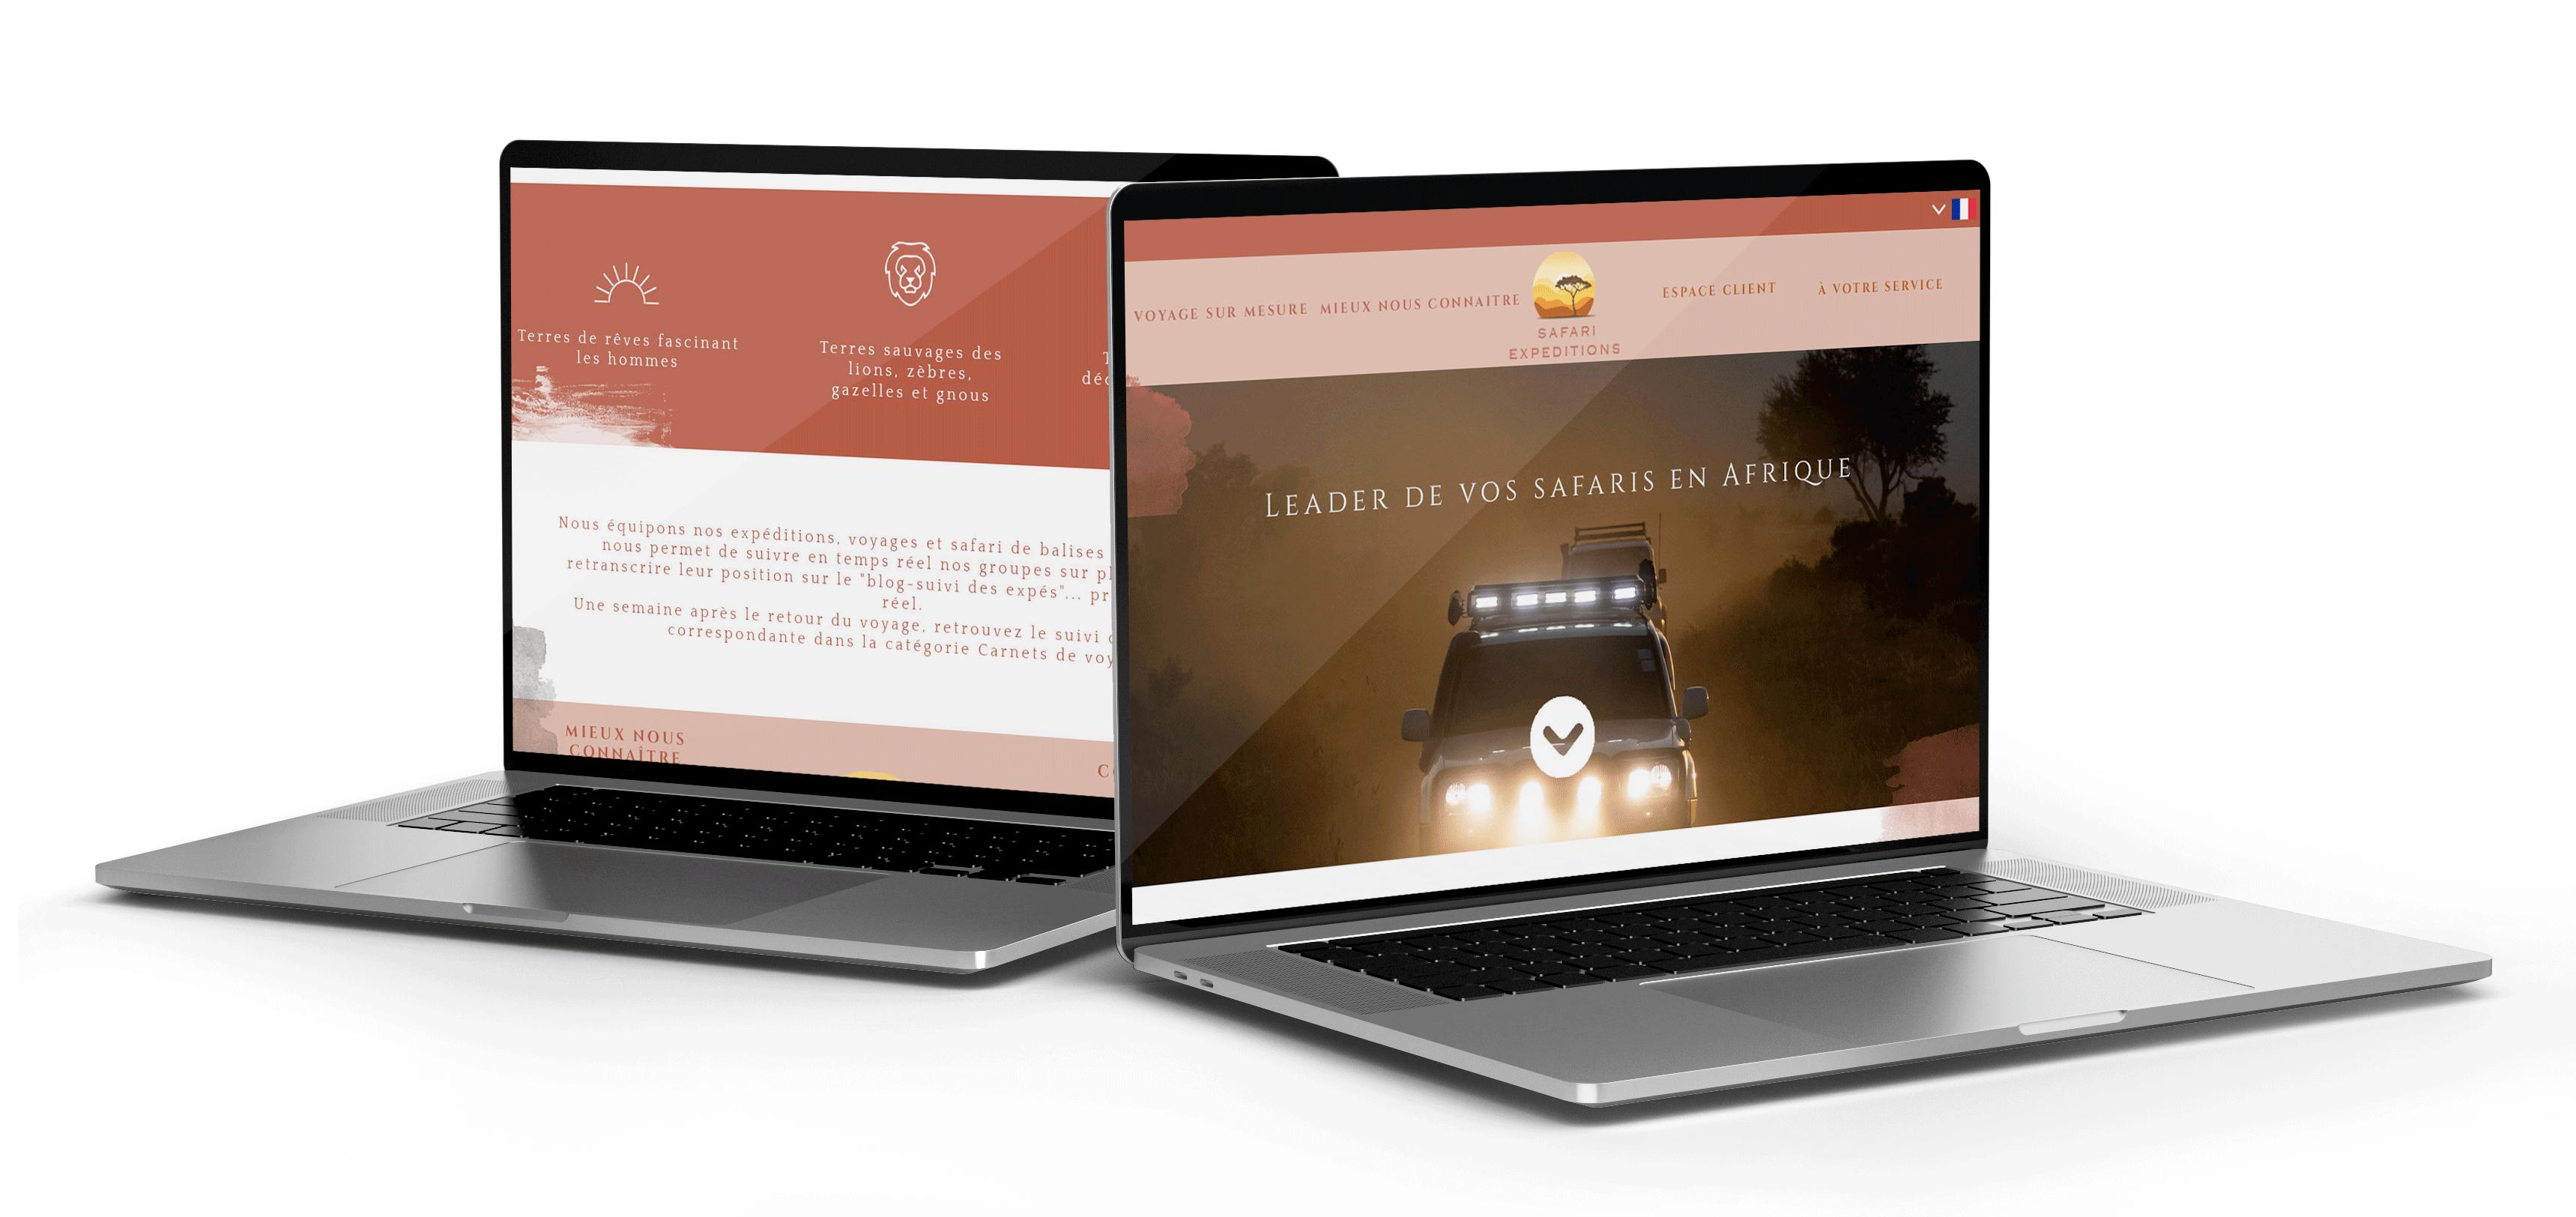 ava-web-design-fond-portfolio-mockup-macbook